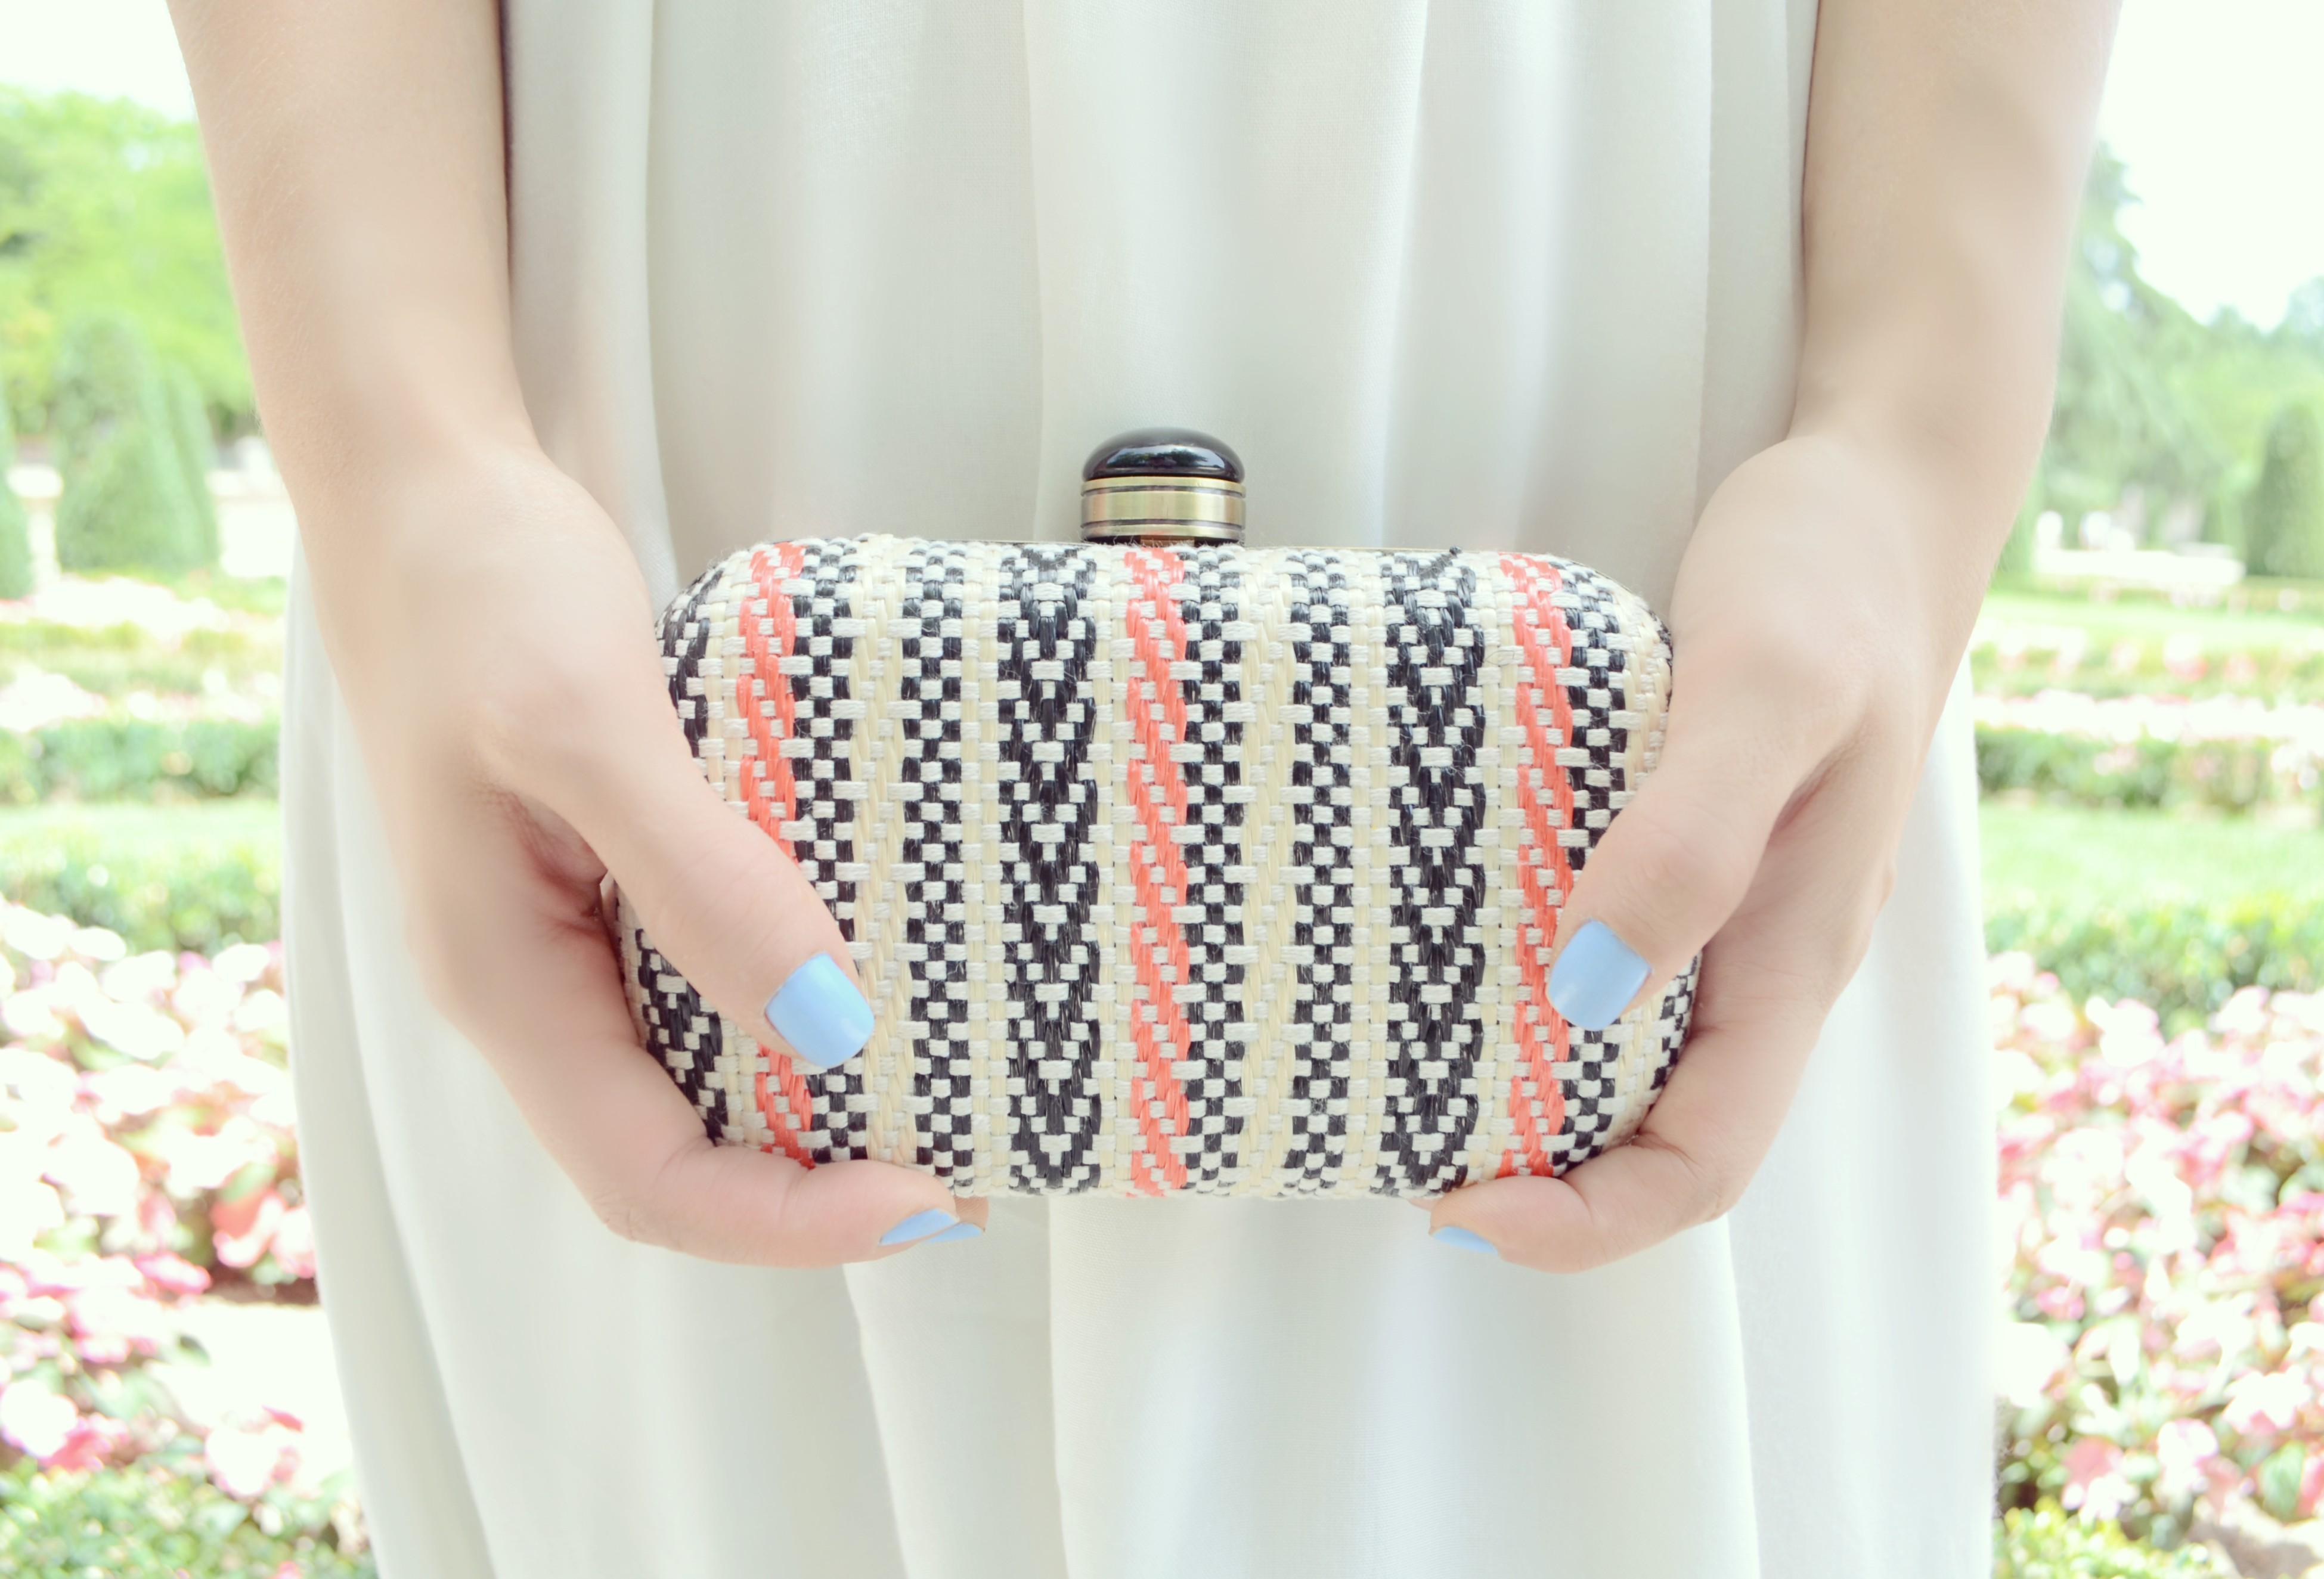 Clutch-de-verano-fashionista-ChicAdicta-blog-de-moda-Chic-Adicta-surkana-summer-bag-PiensaenChic-Piensa-en-Chic